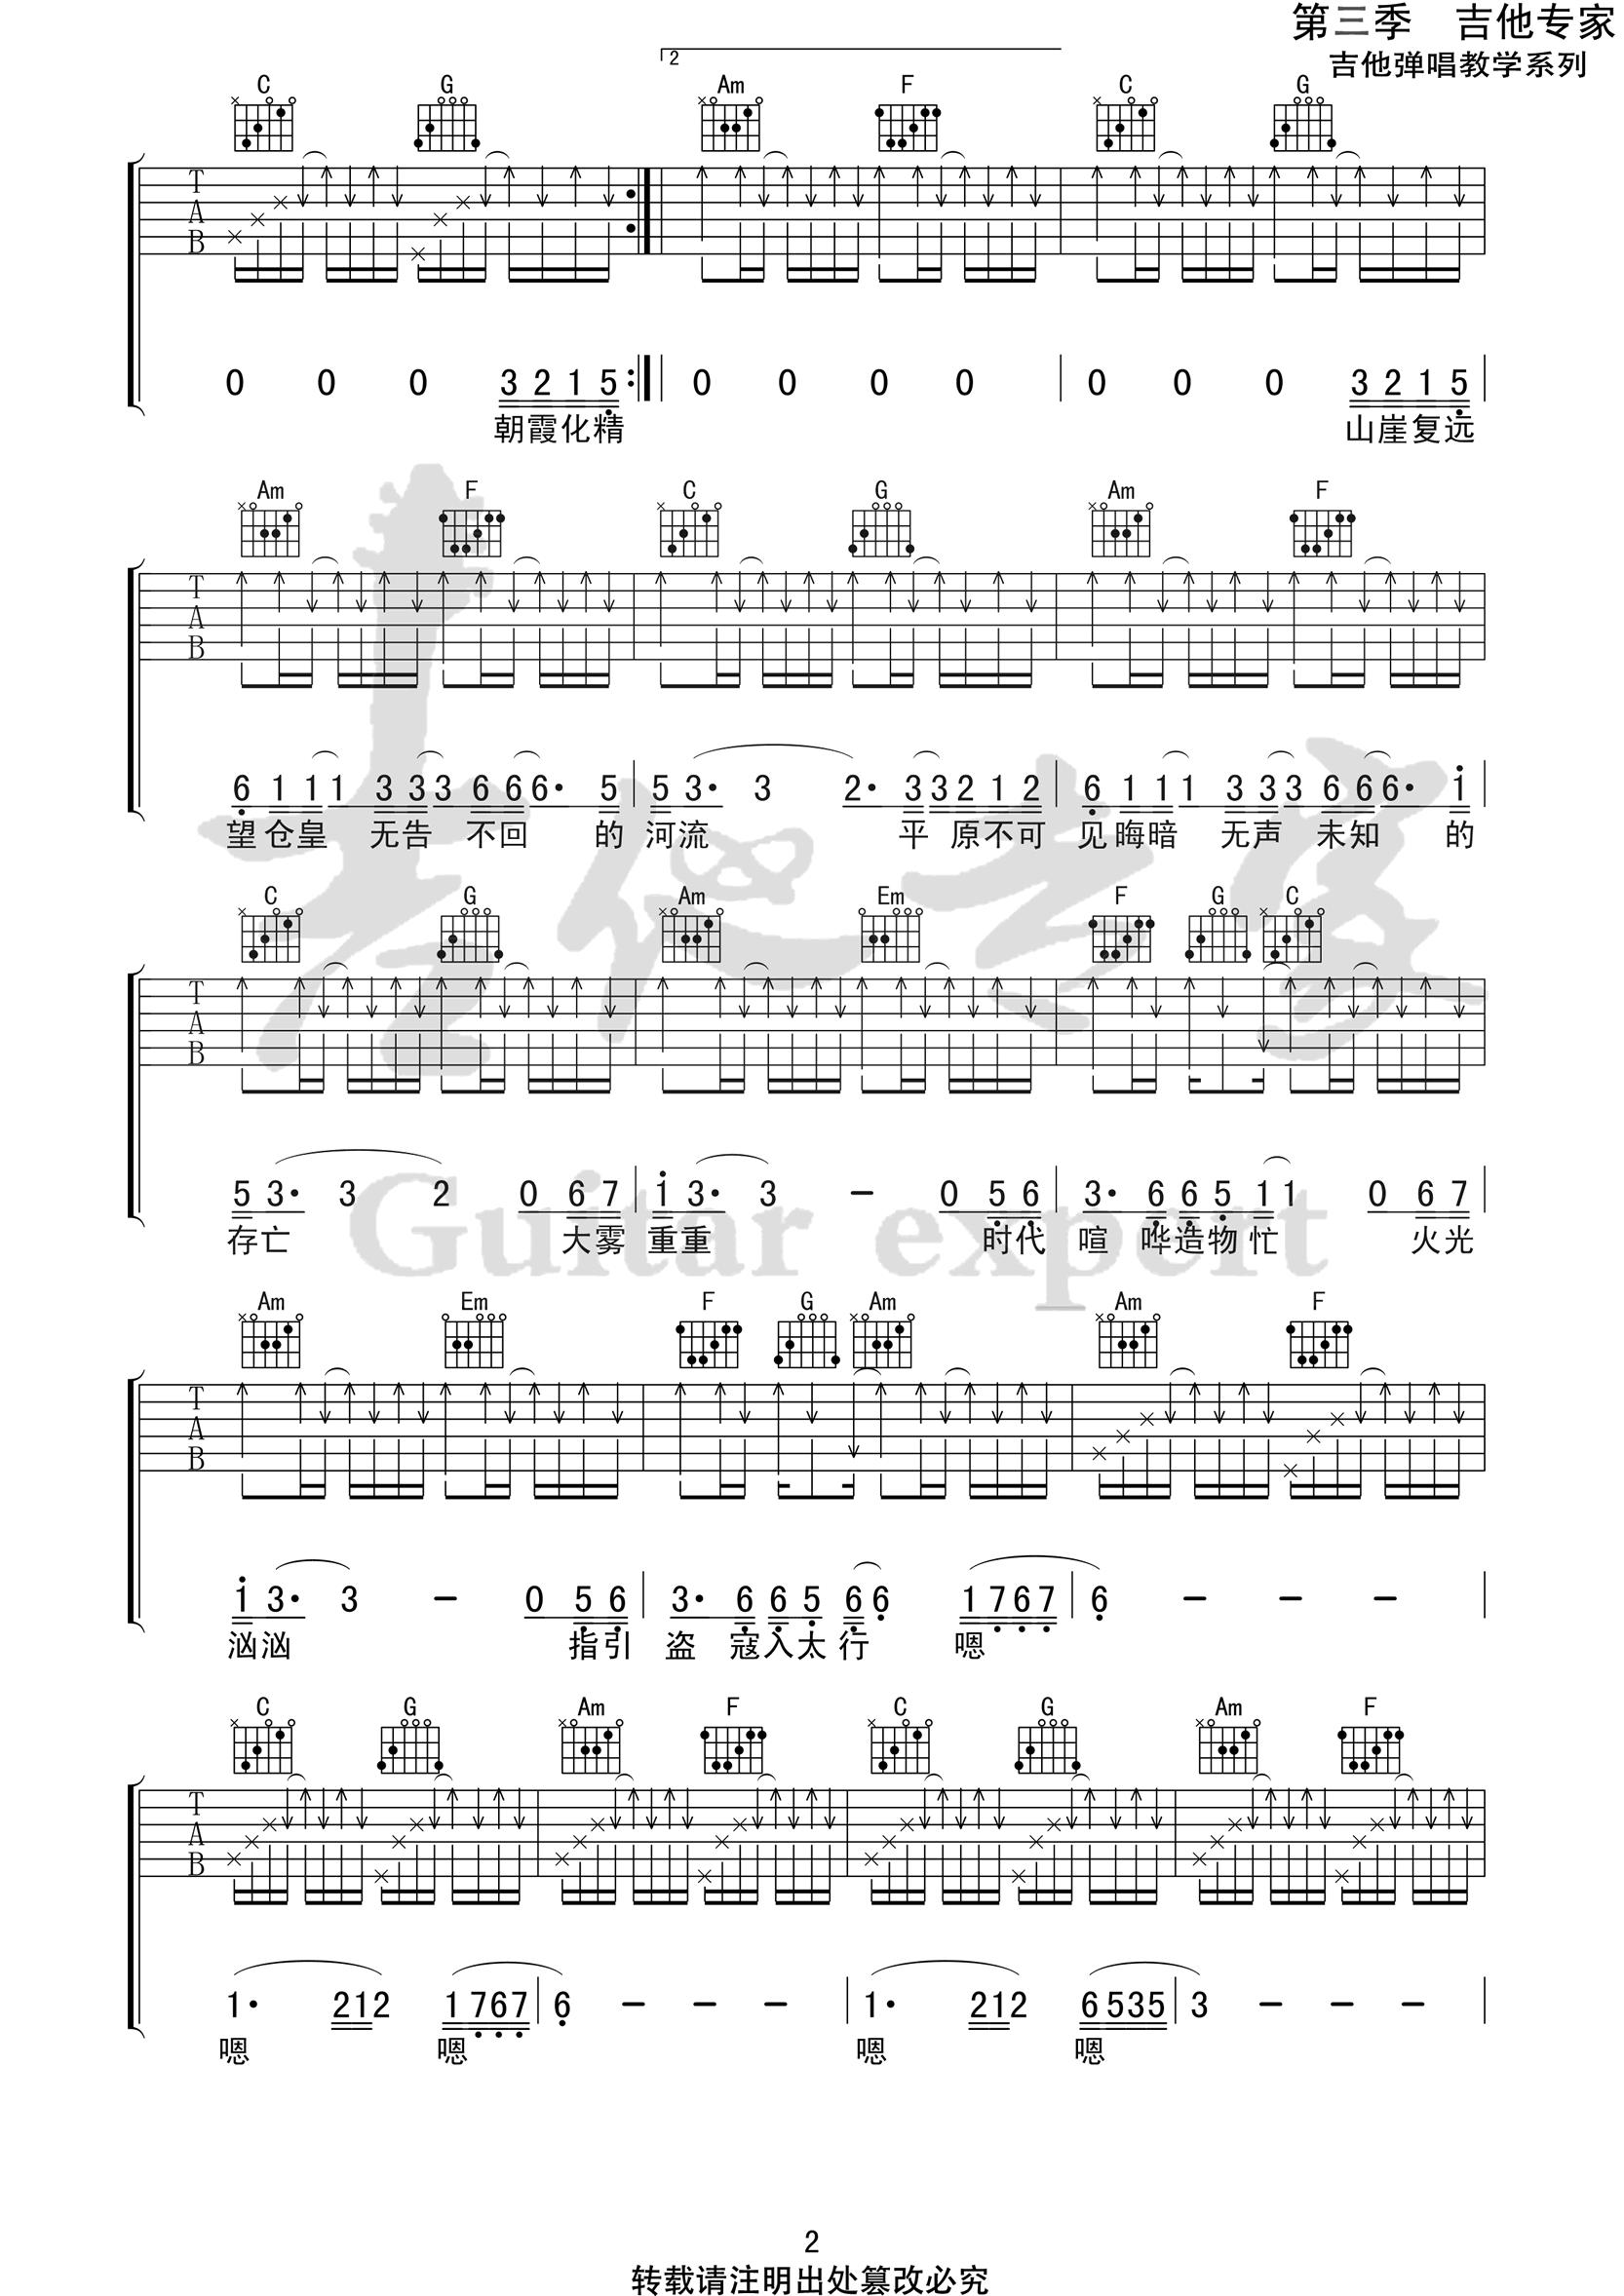 万青旅店-山雀吉他谱-2